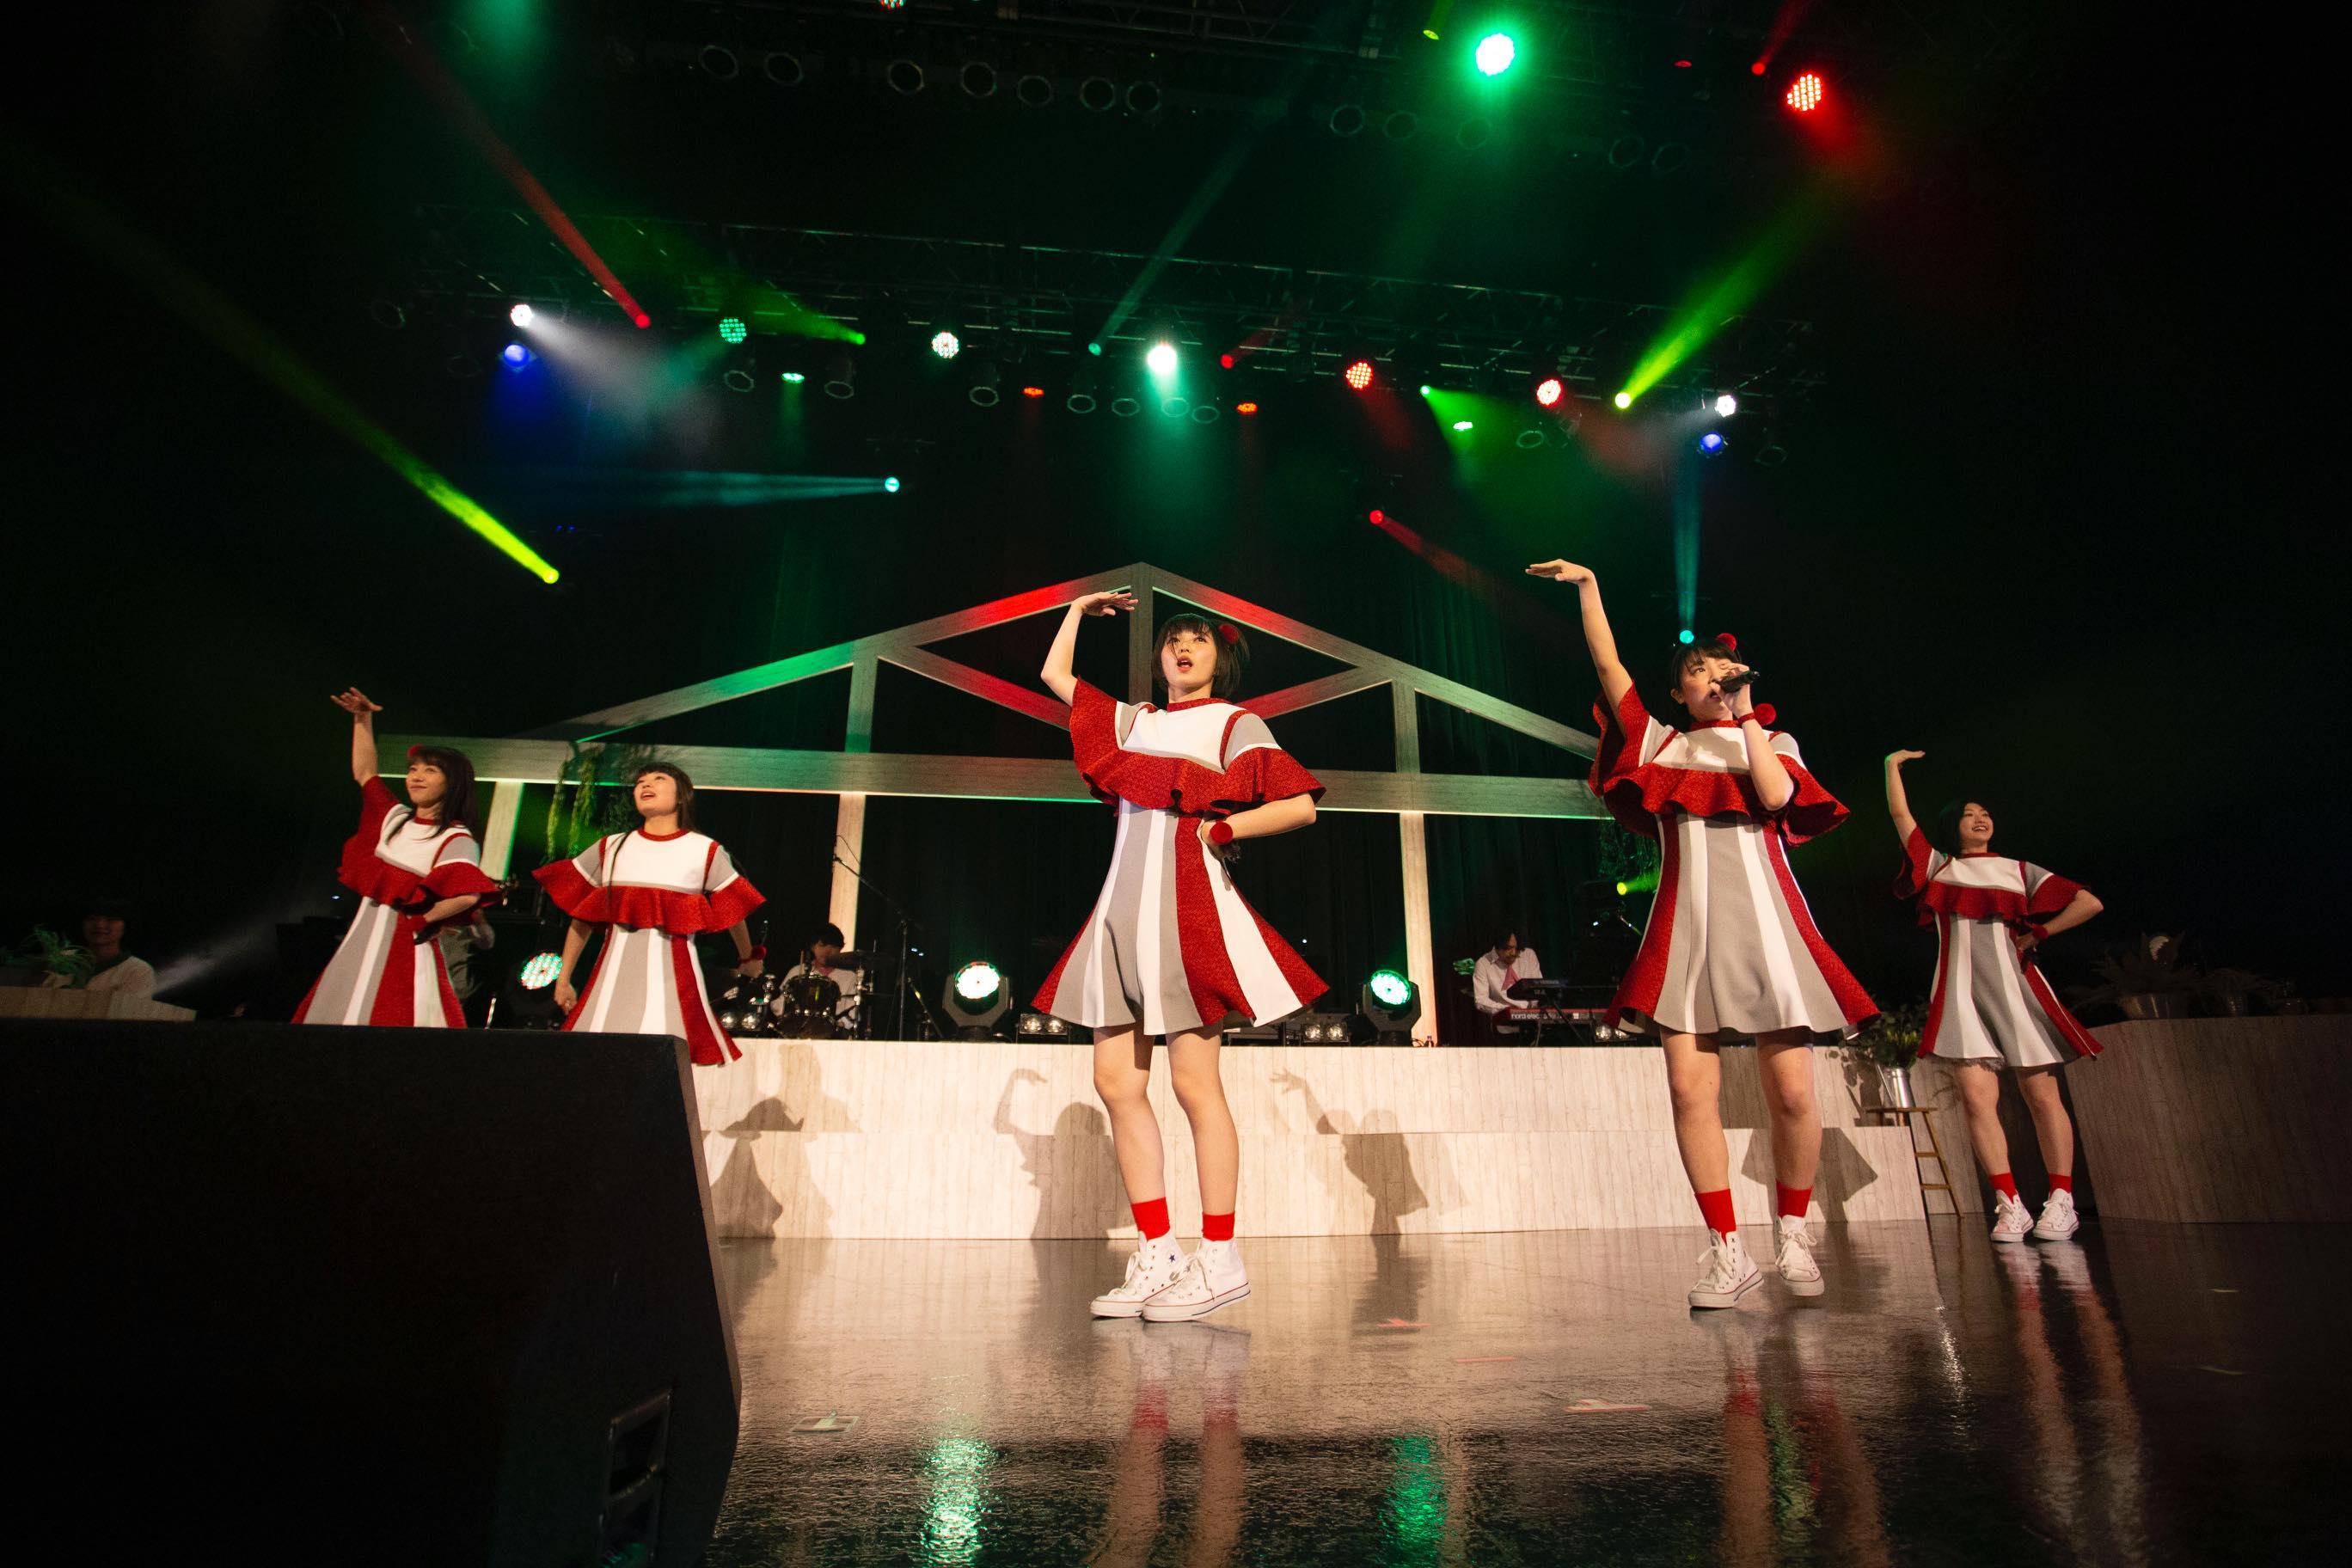 私立恵比寿中学・Negiccoの魅力がバンドで盛り盛り!「エビネギ2」レポート【写真9枚】の画像003